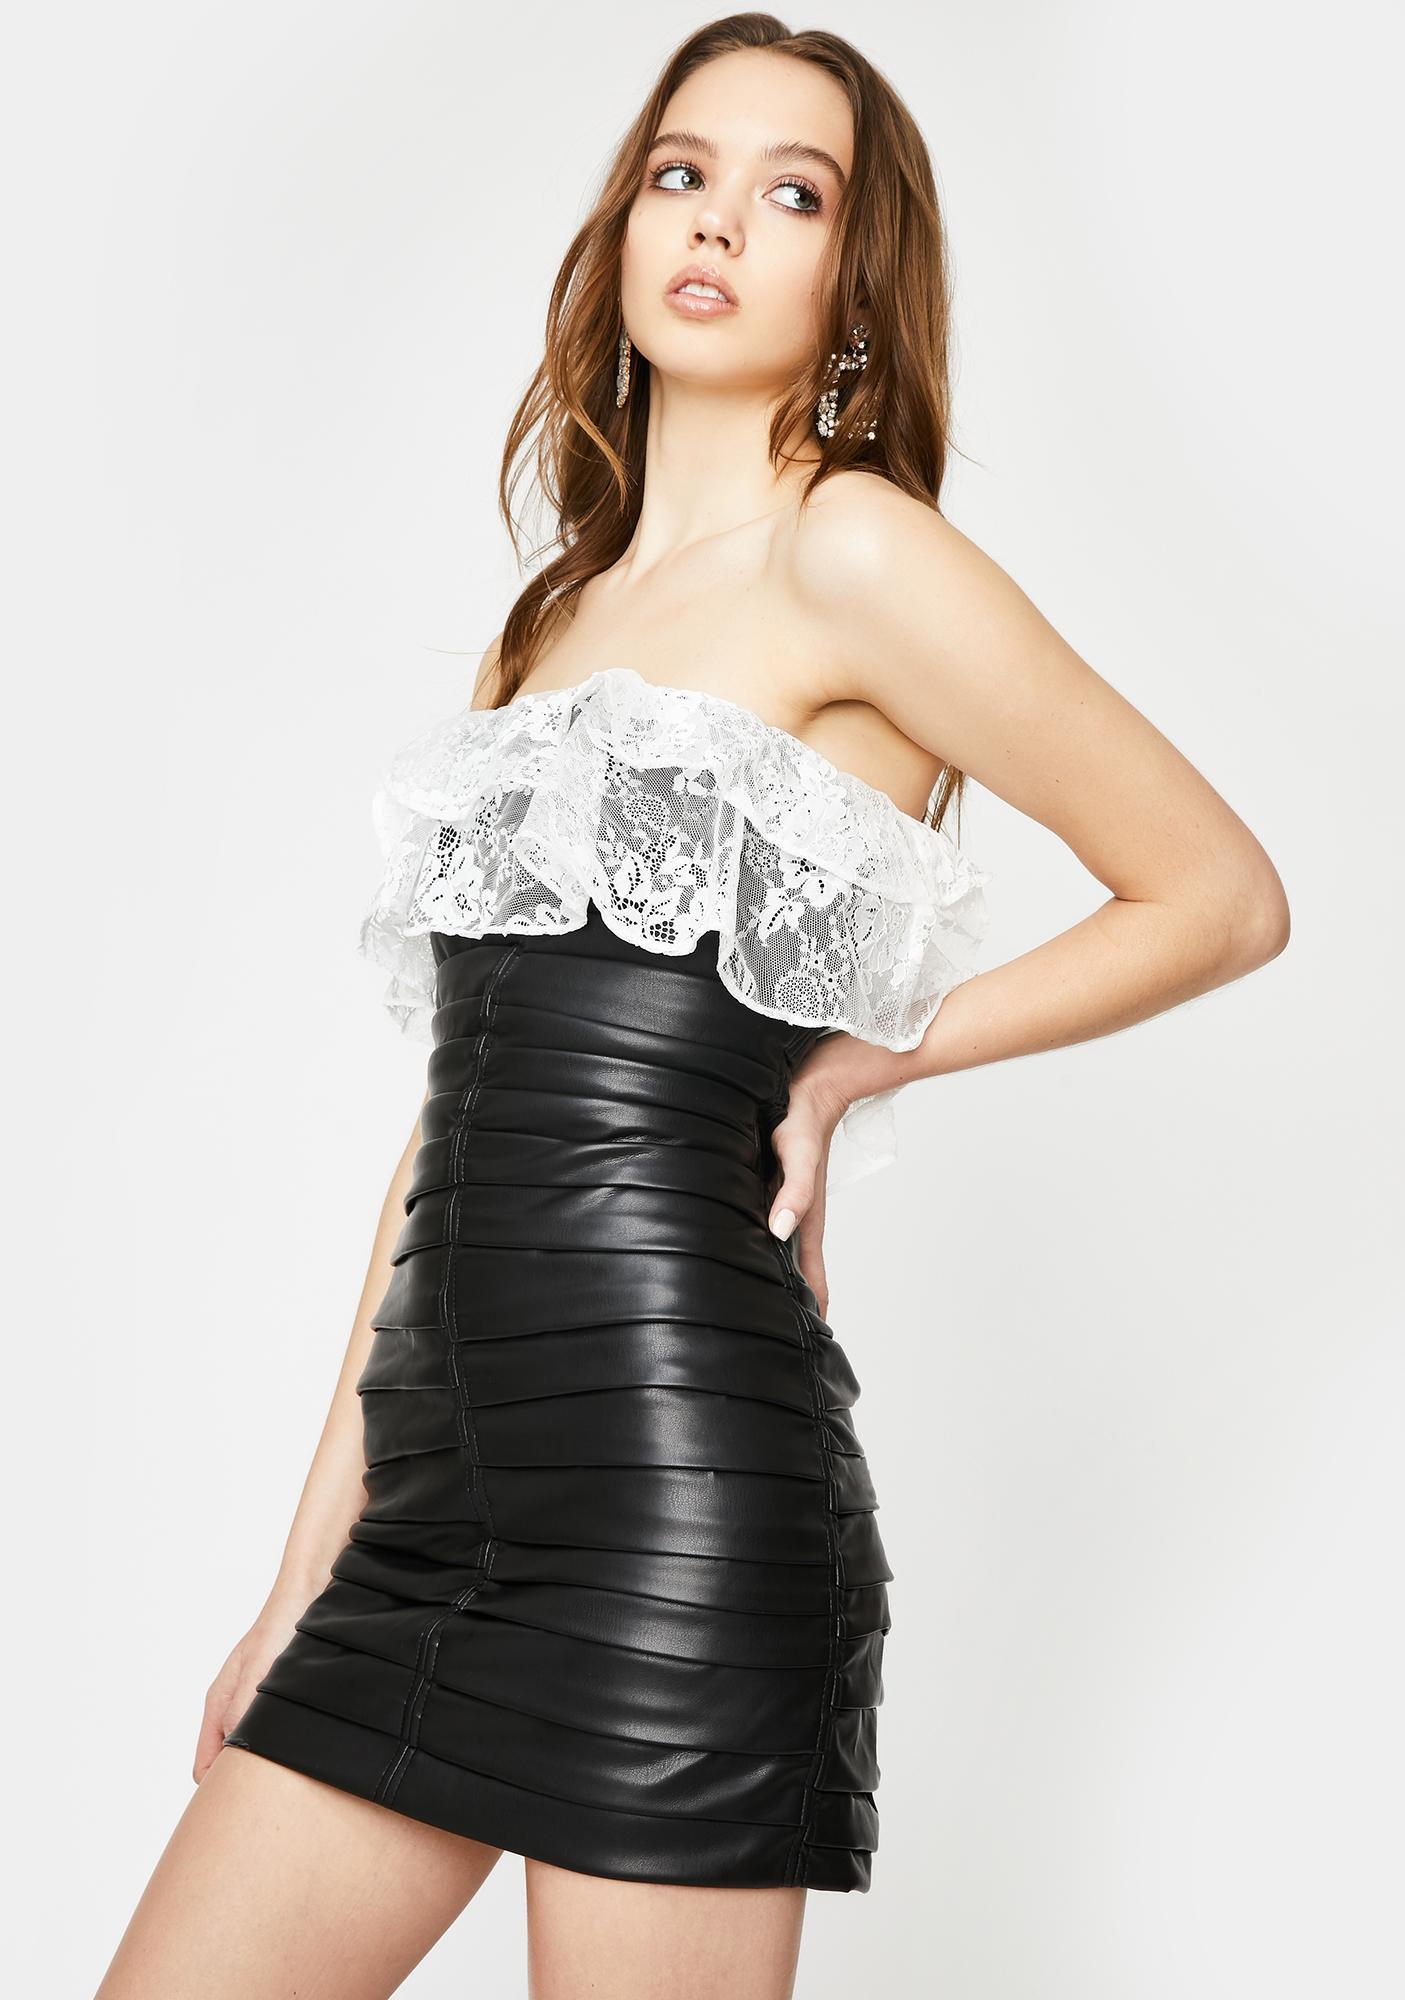 For Love & Lemons Afton Faux Leather Lace Mini Dress